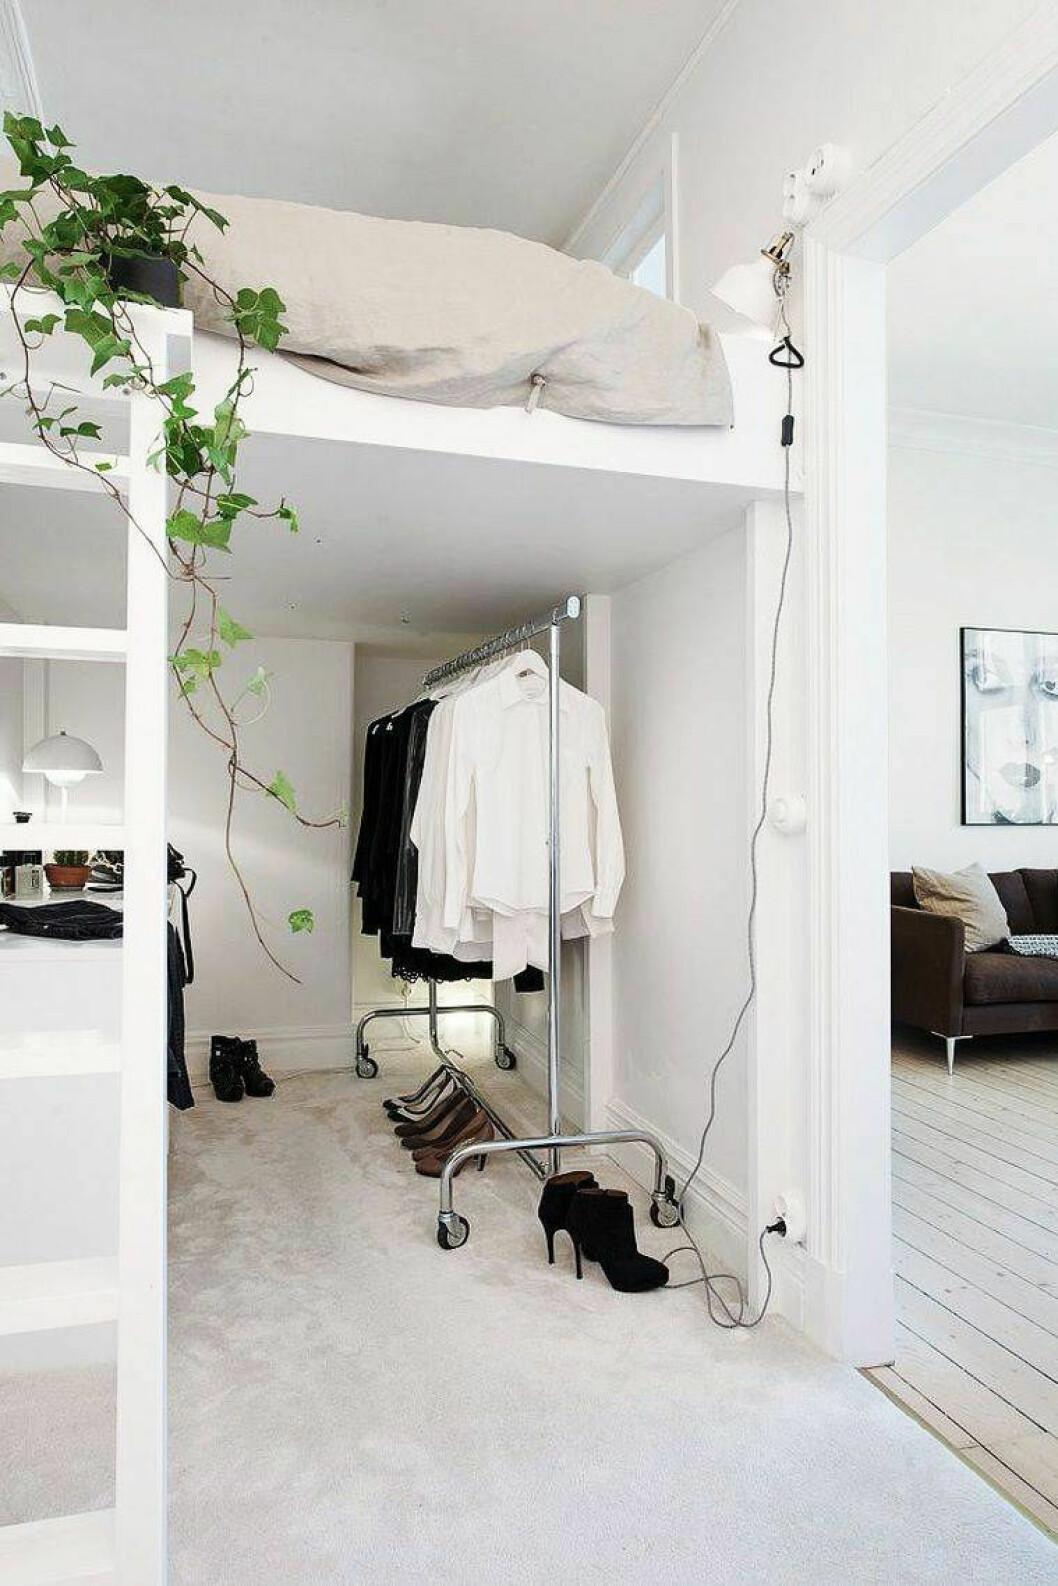 Loftsäng som skapar plats för garderob och klädförvaring under